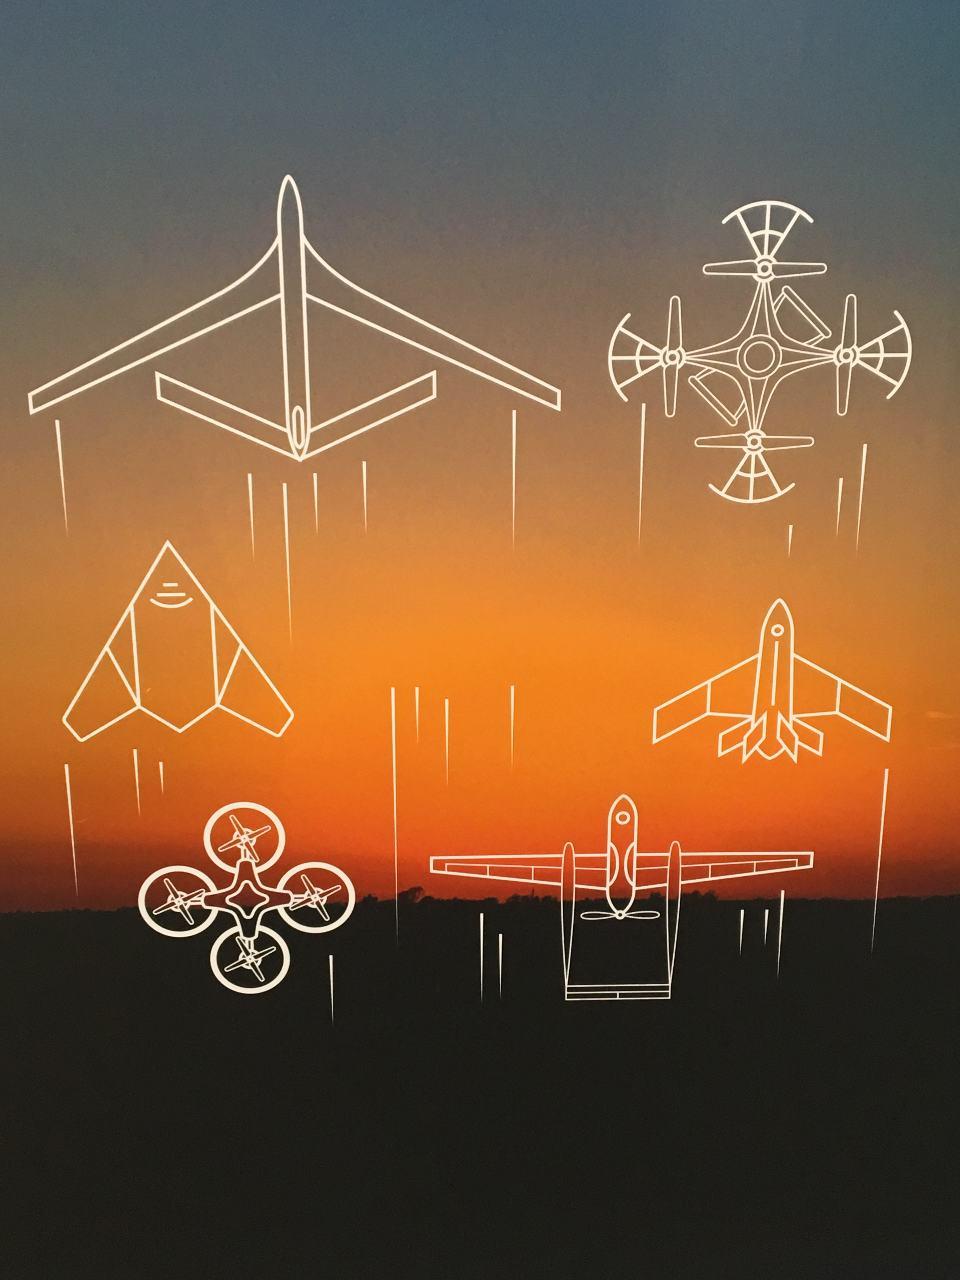 SABCA et DEME Offshore signent un partenariat pour l'inspection par drones pour l'éolien offshore